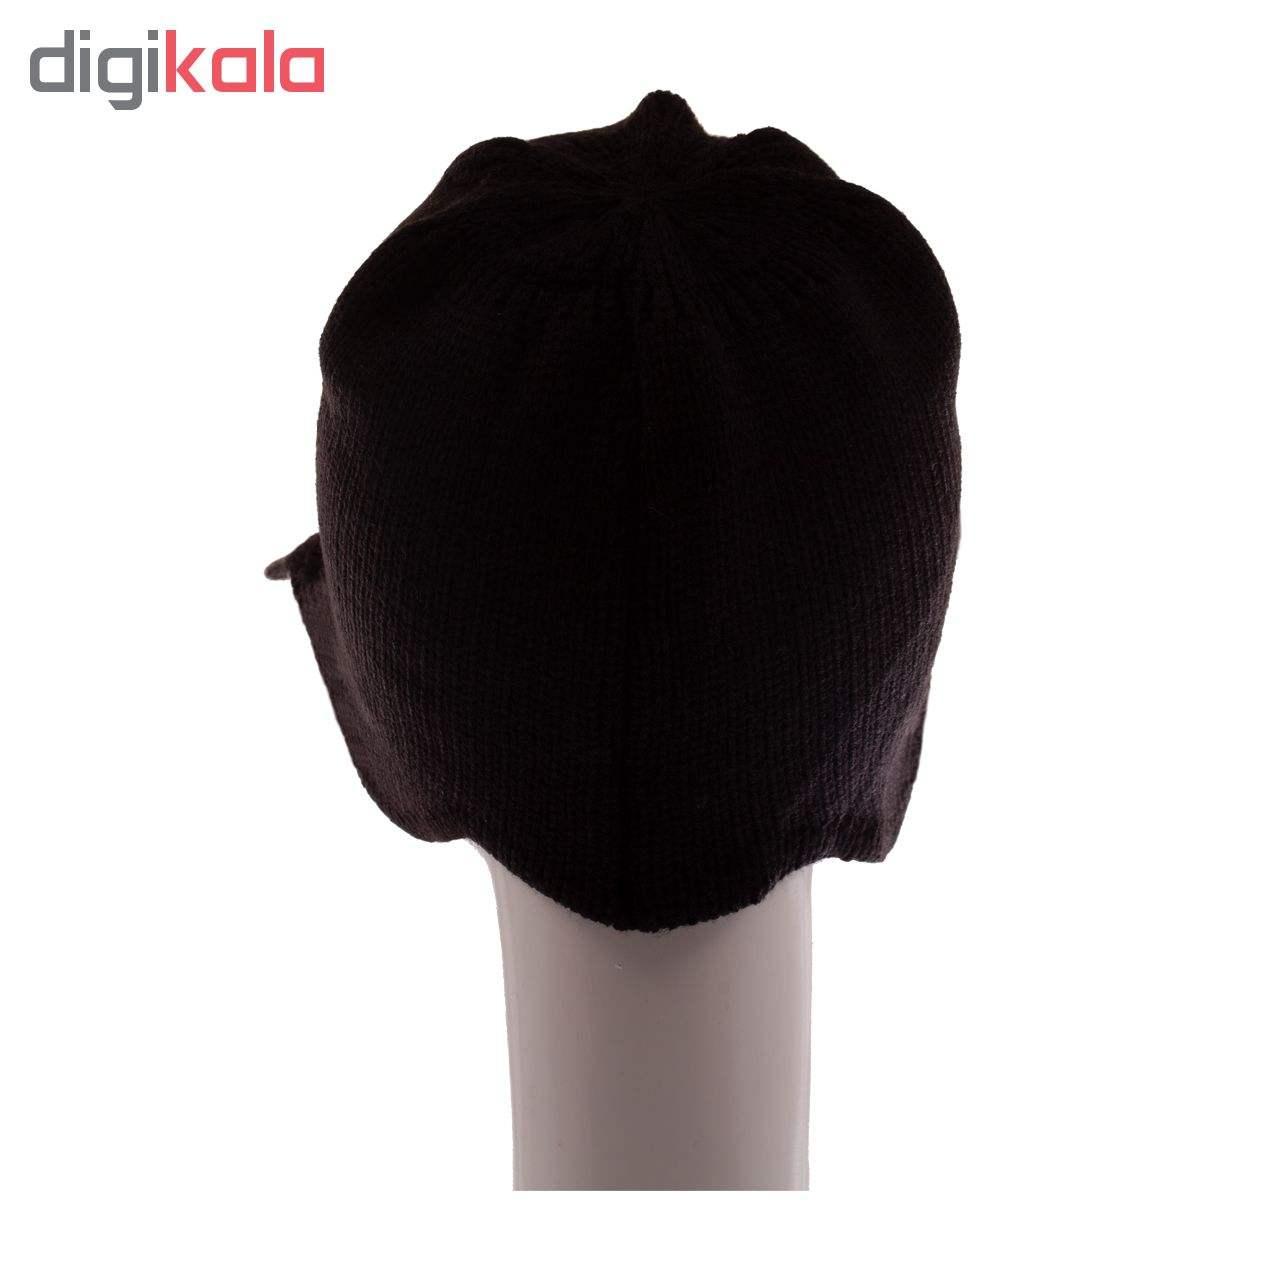 کلاه تارتن مدل 0483 main 1 4